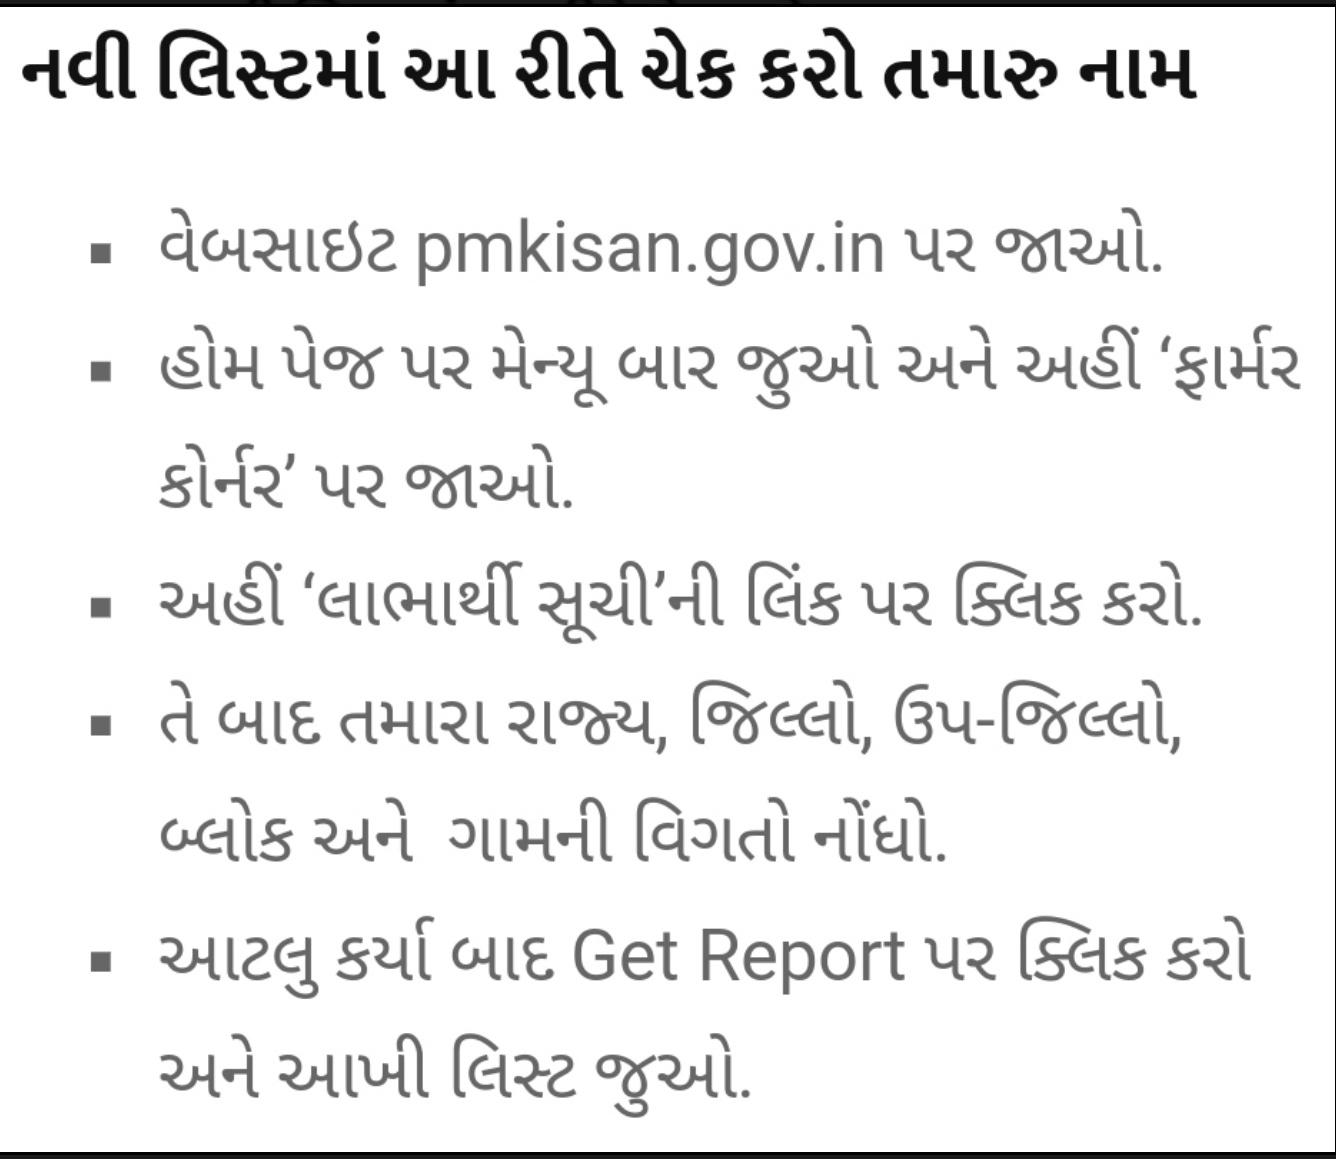 http://www.pravinvankar.in/2020/12/the-seventh-installment-of-kisan-sanman.html